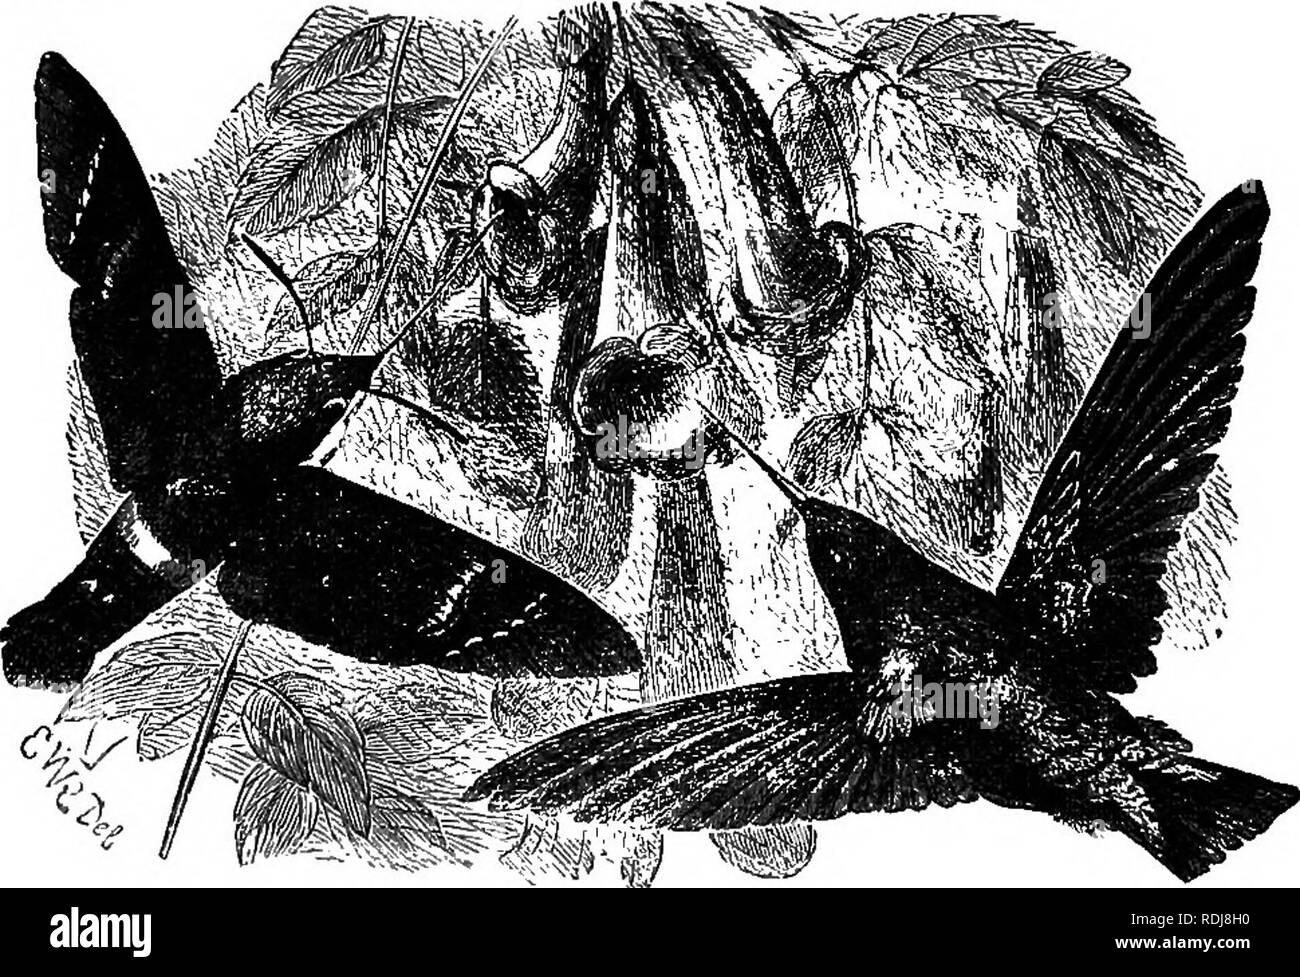 . L'étude de la vie animale. Zoologie. Le SfUcfy S8 de la vie animale Les conditions constantes de mimétisme sont clairement et laconiquement résumé par Wallace. Ils sont: -^ 1. Que l'initiative se trouvent dans la même zone, et d'occuper la même place, comme l'ont imité. 2. Que les imitateurs sont toujours les plus sans défense. 3. Que les imitateurs sont toujours moins nombreux dans les individus. 4. Que les imitateurs diffèrent de la plupart ot leurs alliés.. Fig. 10.-Humming-bird espèce {Macroglossa titan), et l'oiseau-{Lophomis Gmildii d'oiseaux). (À partir de Bates.) 5. Que l'imitation, mais minute, est externe et v Photo Stock